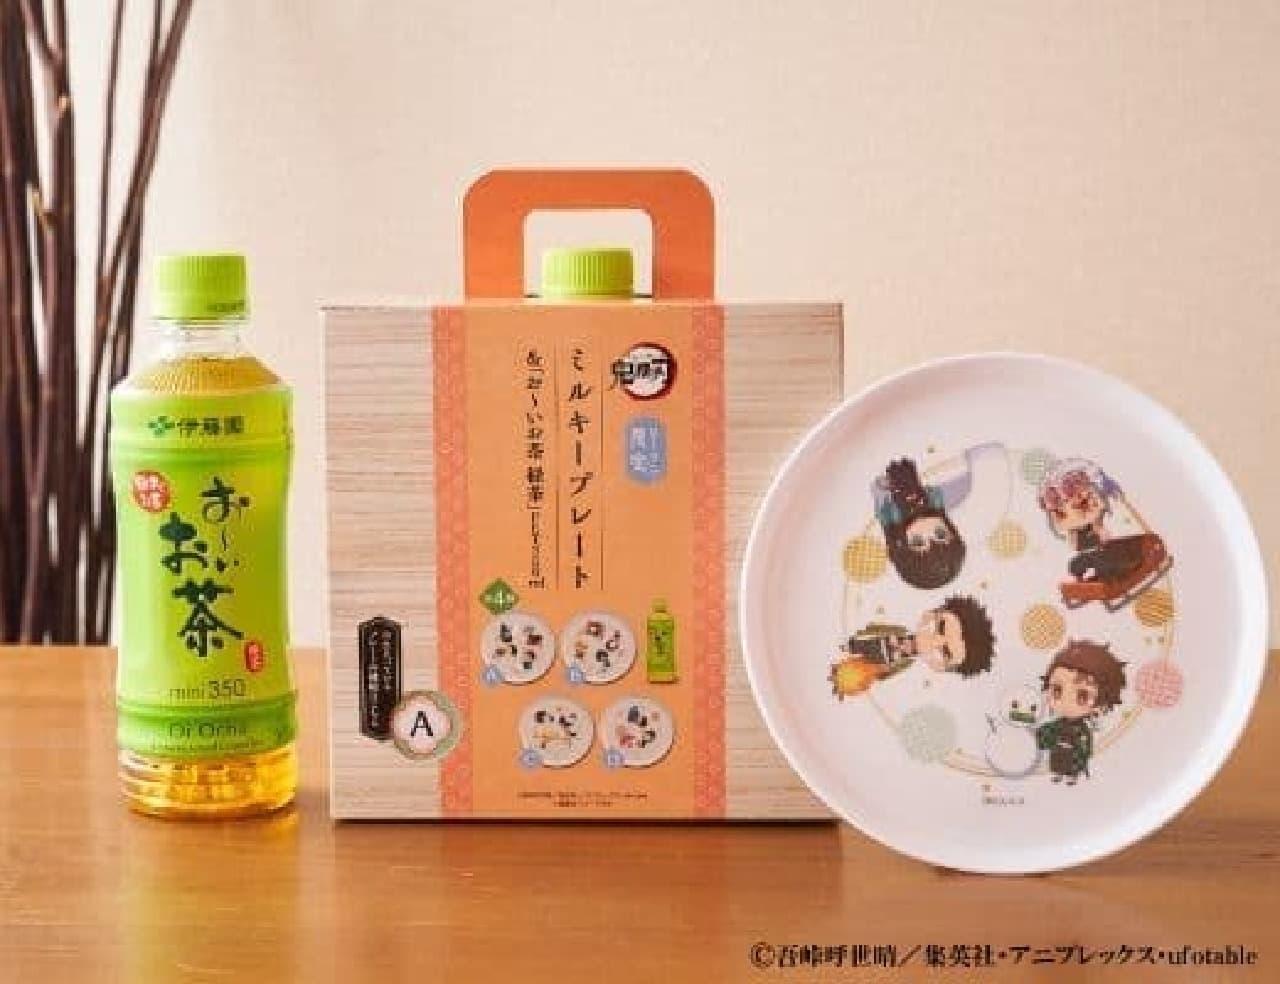 「鬼滅の刃」ミルキープレート&「お~いお茶 緑茶」PET350ml